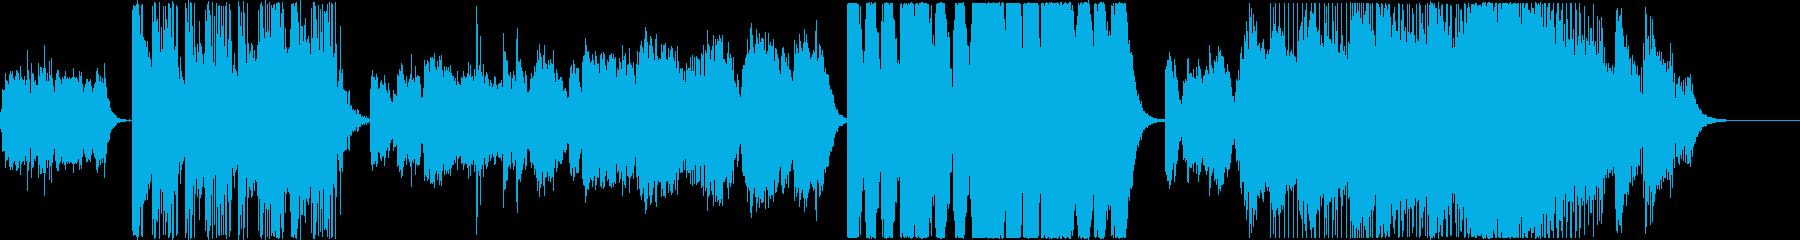 変化の激しいピアノシンセオーケストラの再生済みの波形